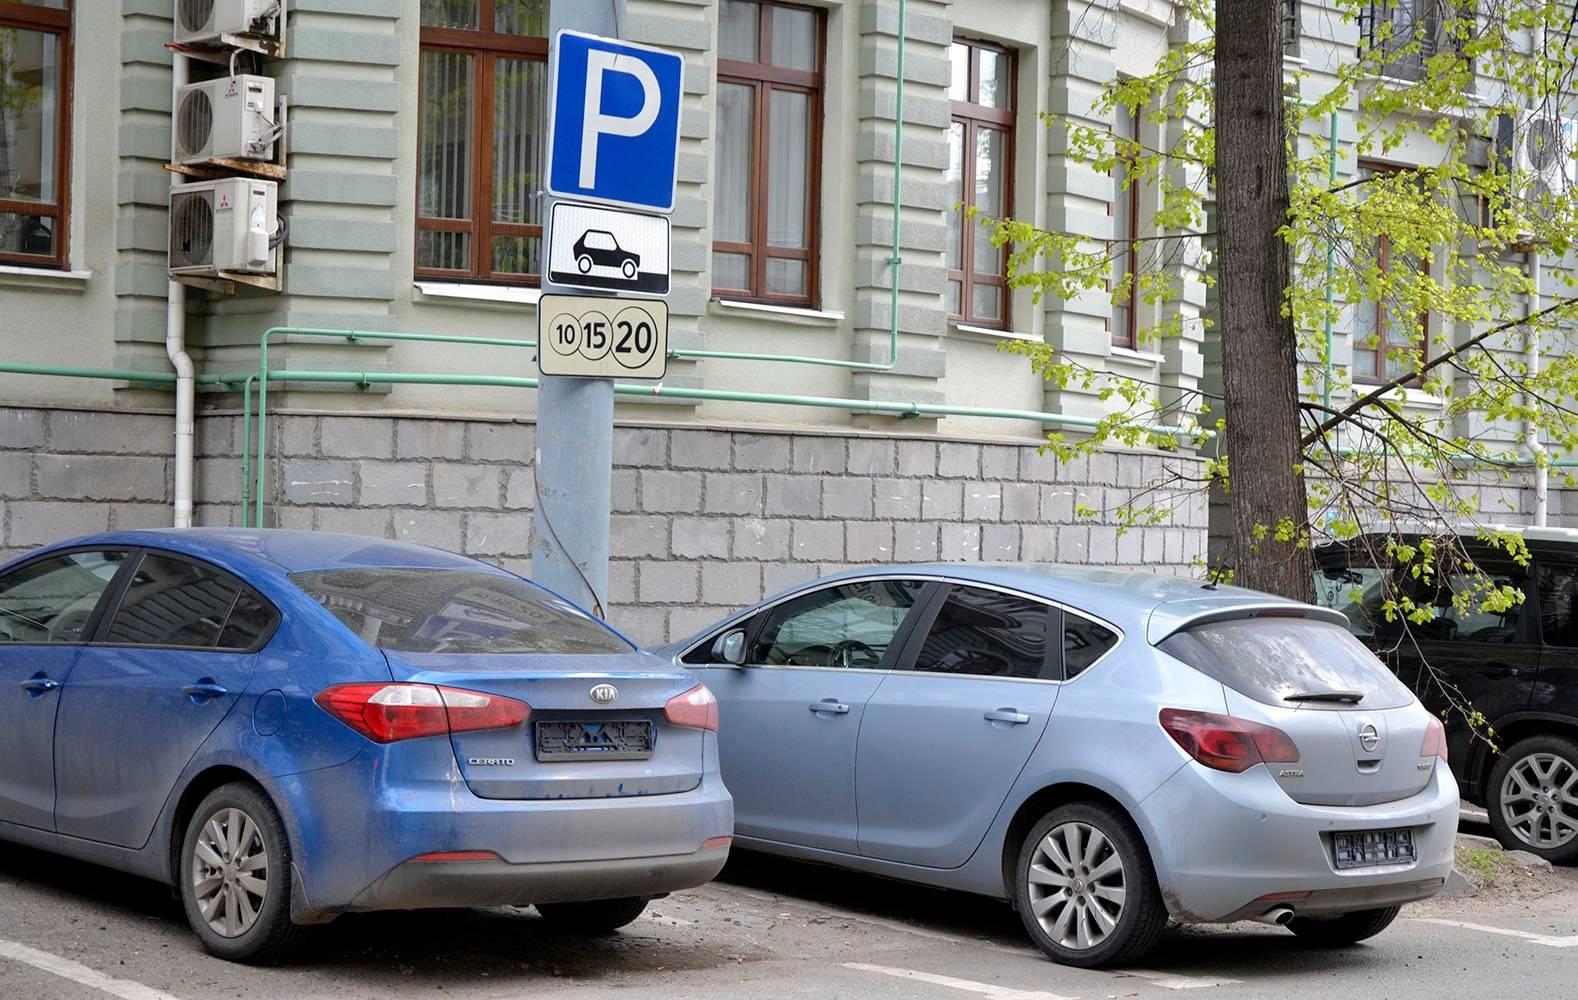 Где можно, а где нельзя парковаться в 2020 году? | помощь водителям в 2021 году